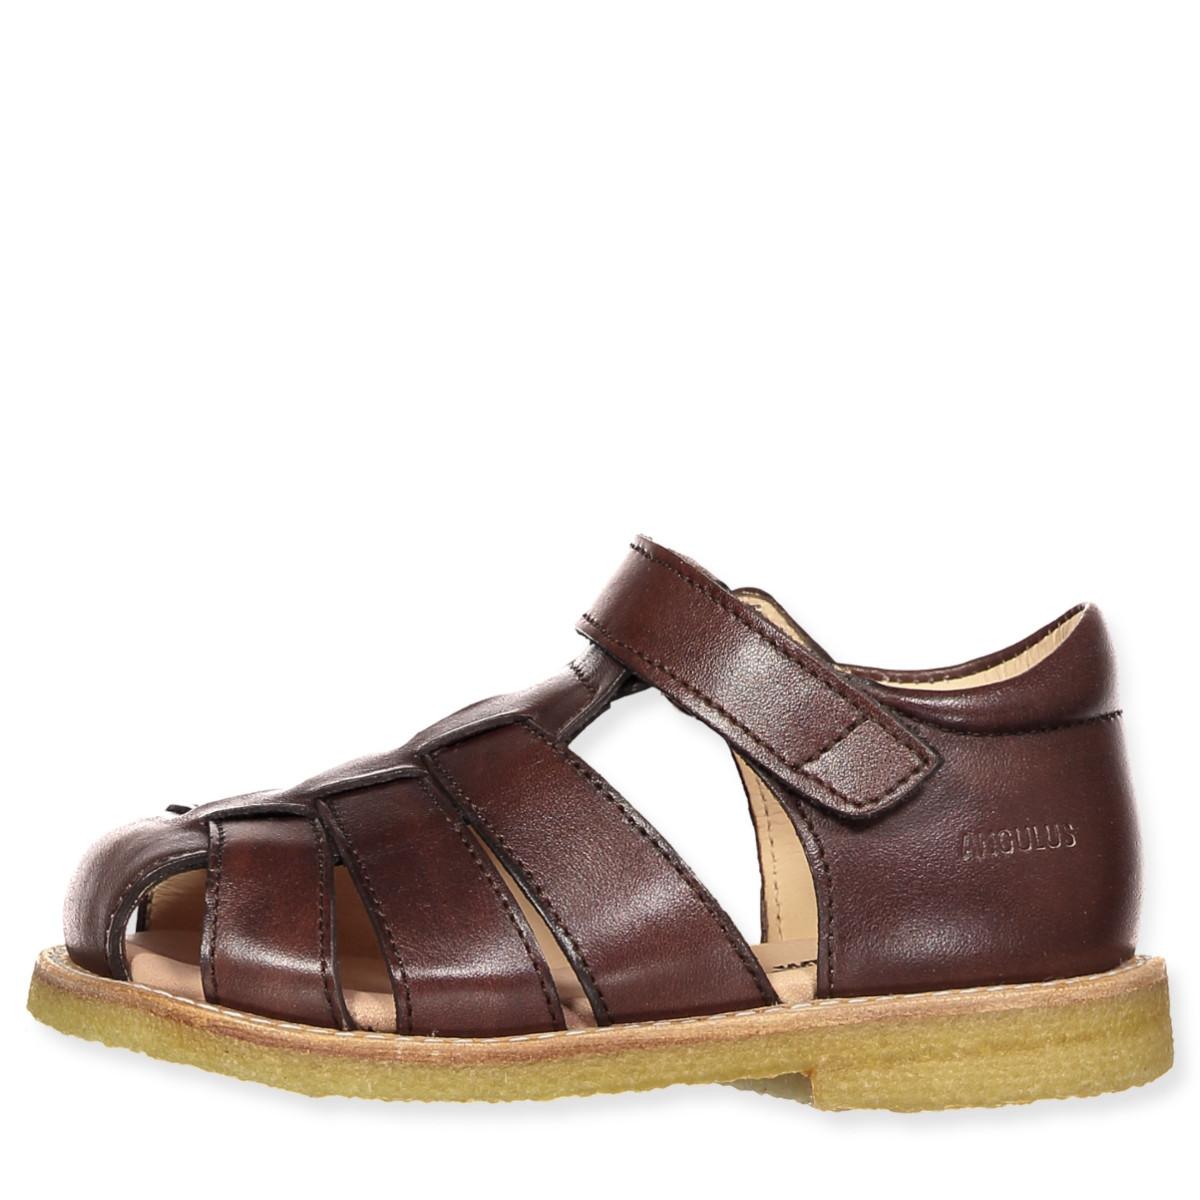 Brune sandaler